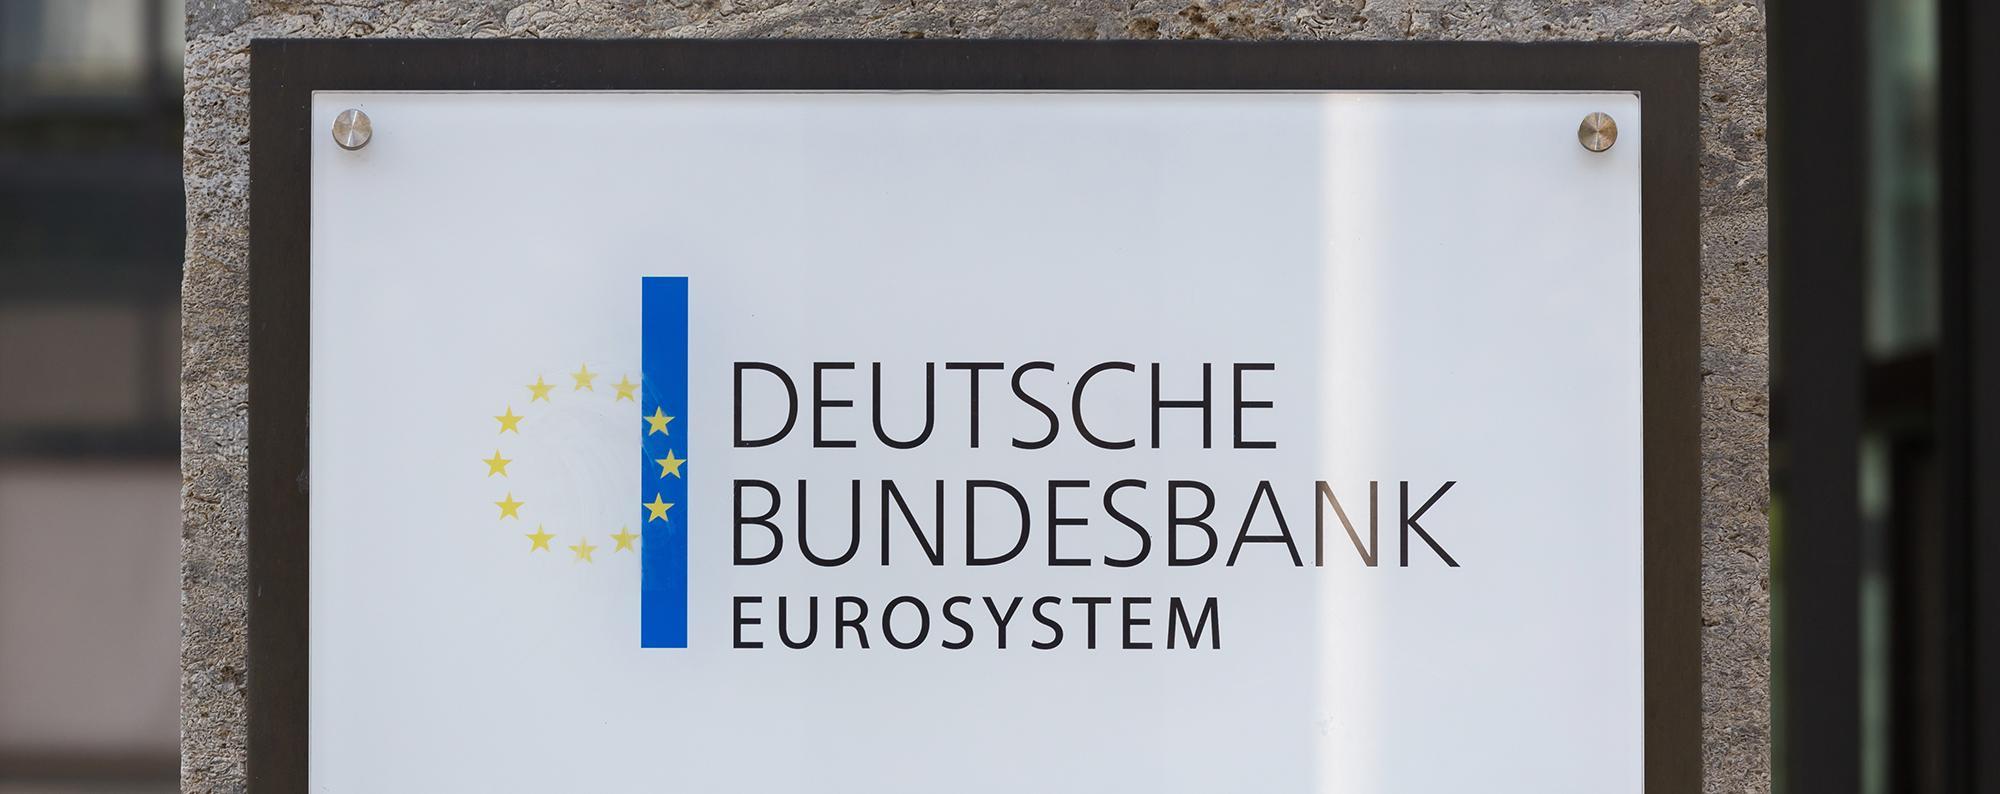 El desastre de la banca alemana: consejos vendo que para mí no tengo